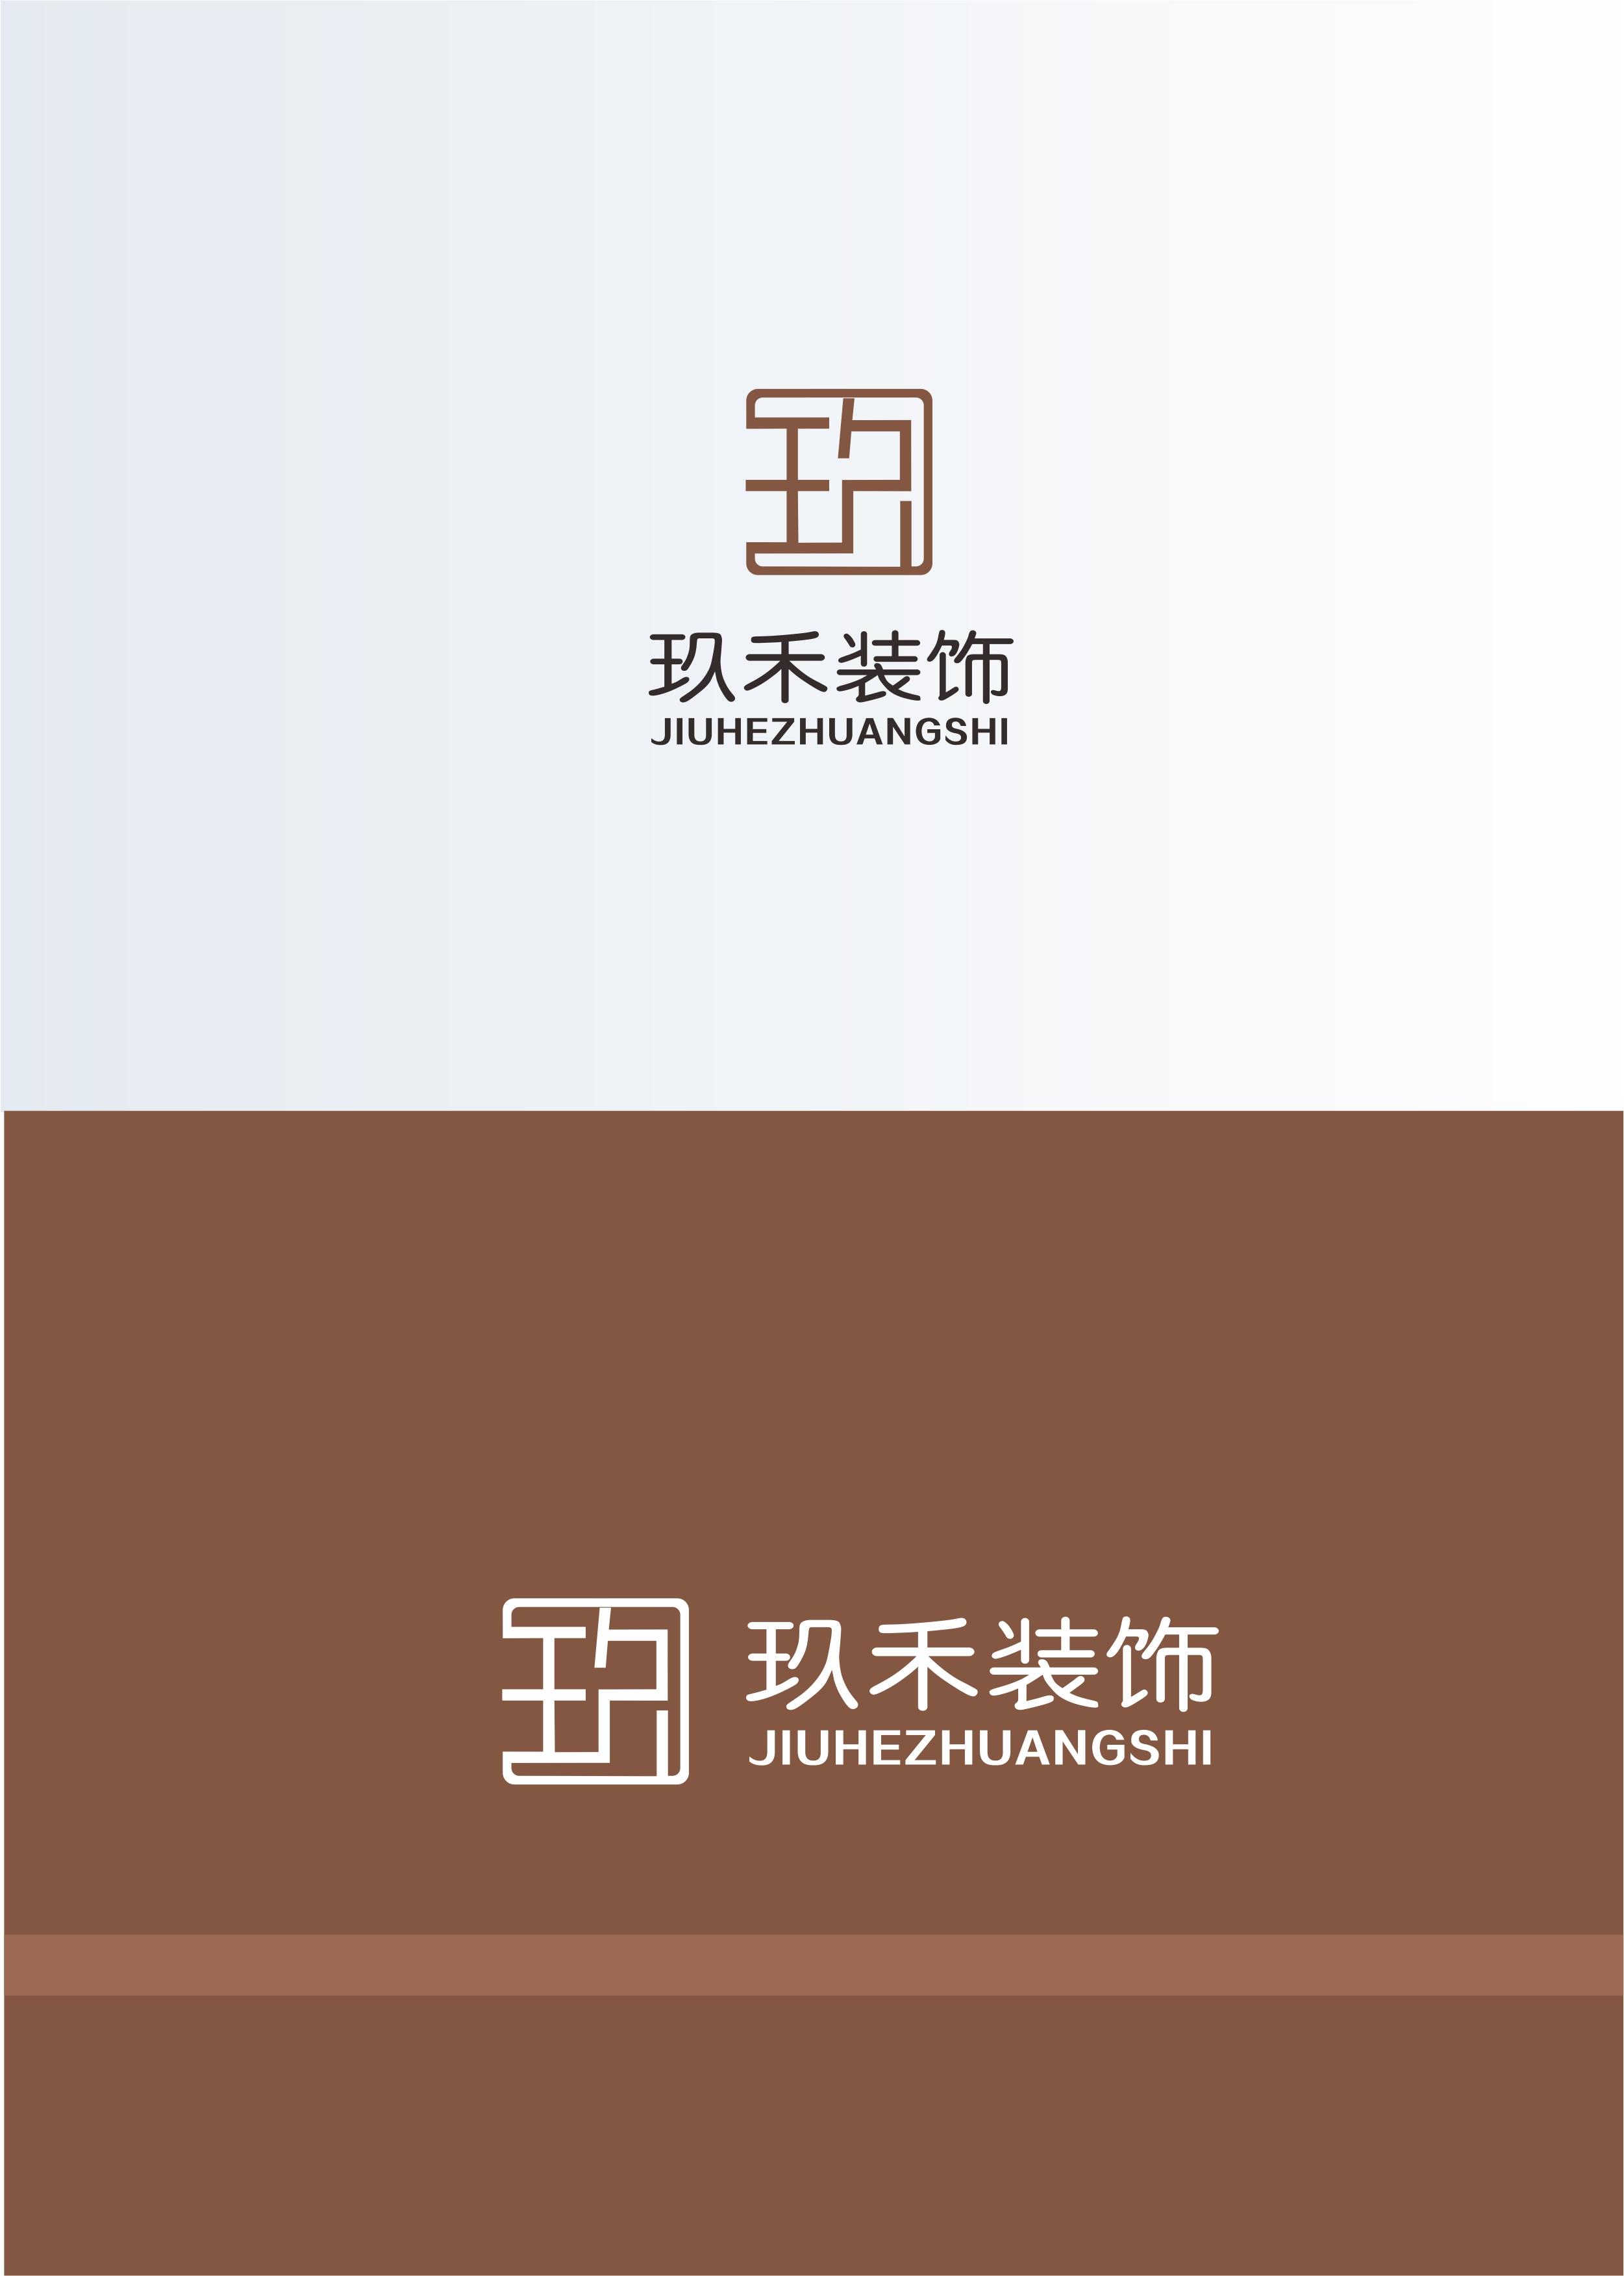 logo设计 名片设计_3026511_k68威客网